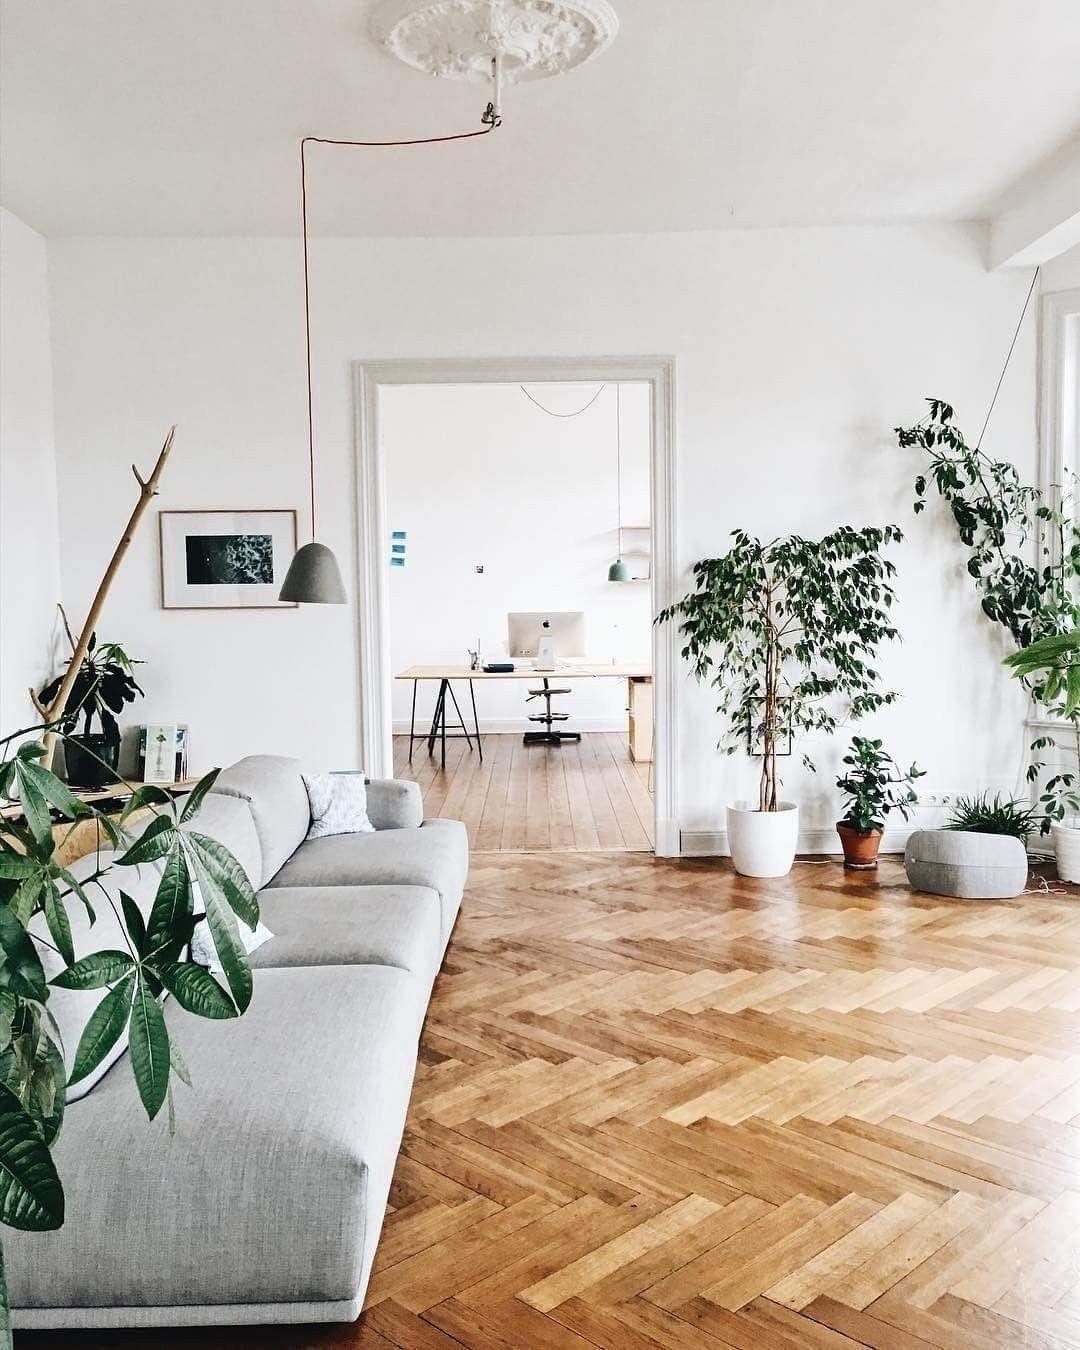 Innenarchitektur wohnzimmer für kleine wohnung pin von luca ferdinand auf room  pinterest  wohnzimmer haus und